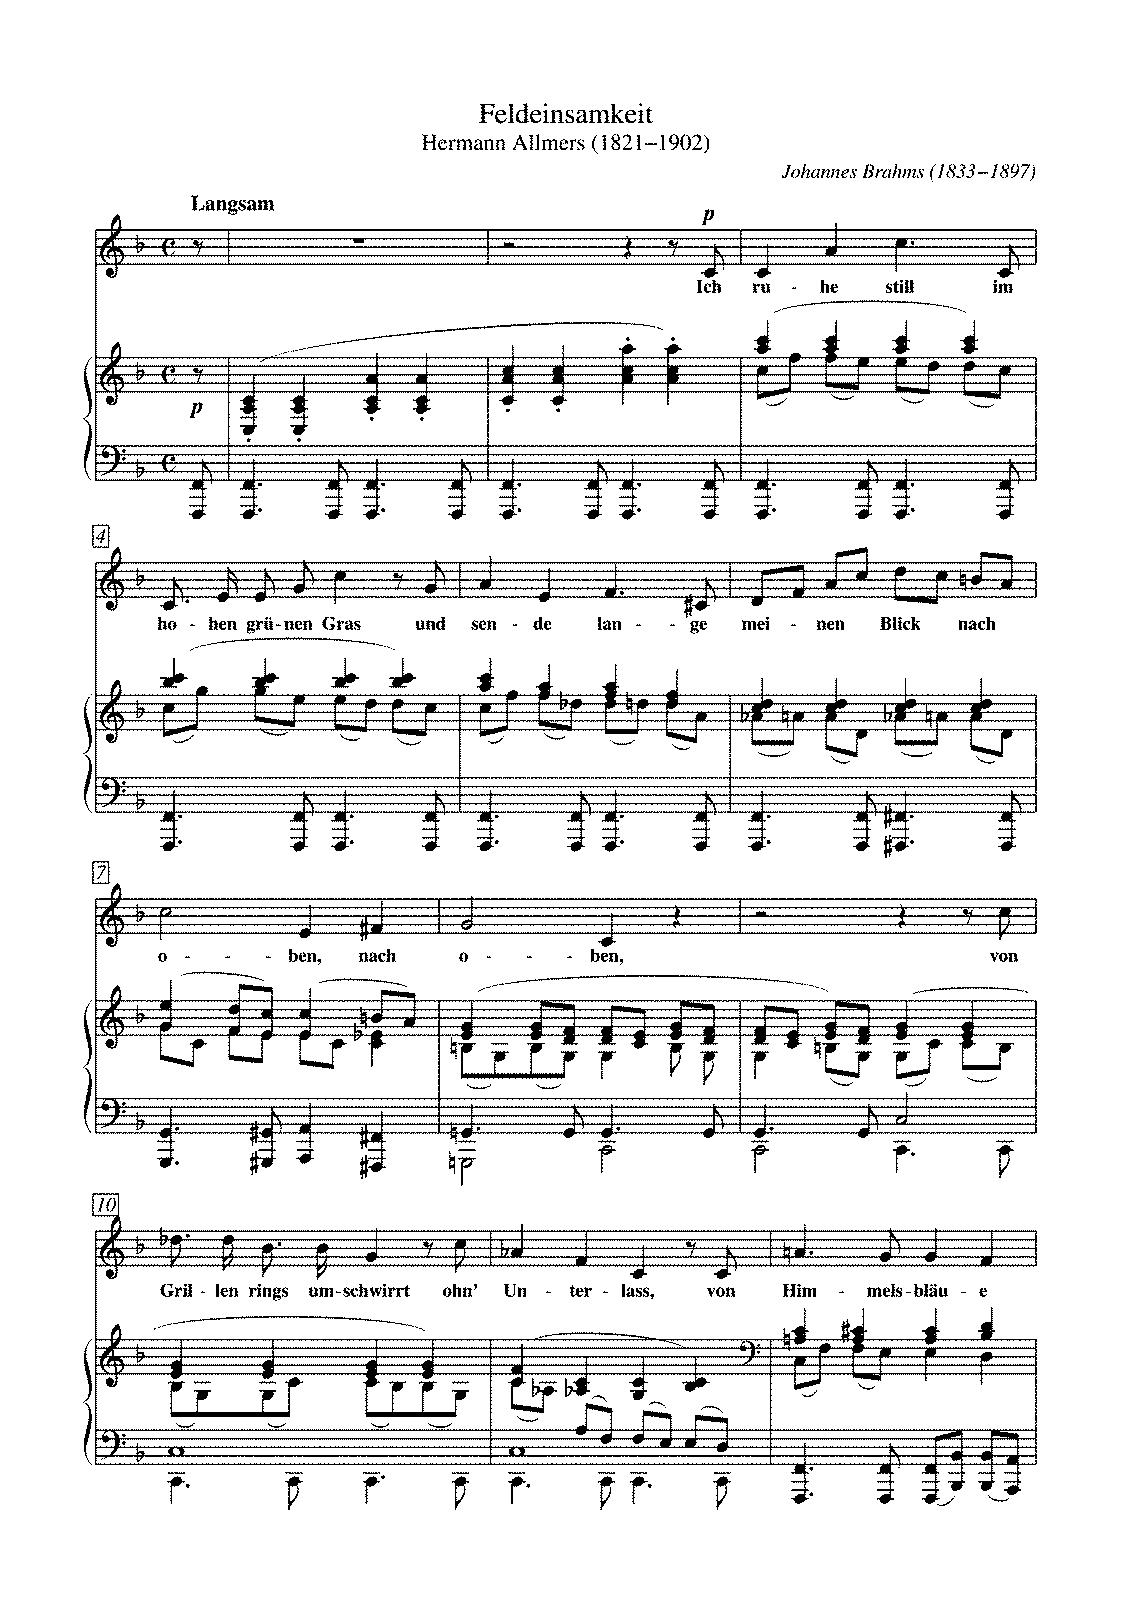 volkslieder noten und texte kostenlos